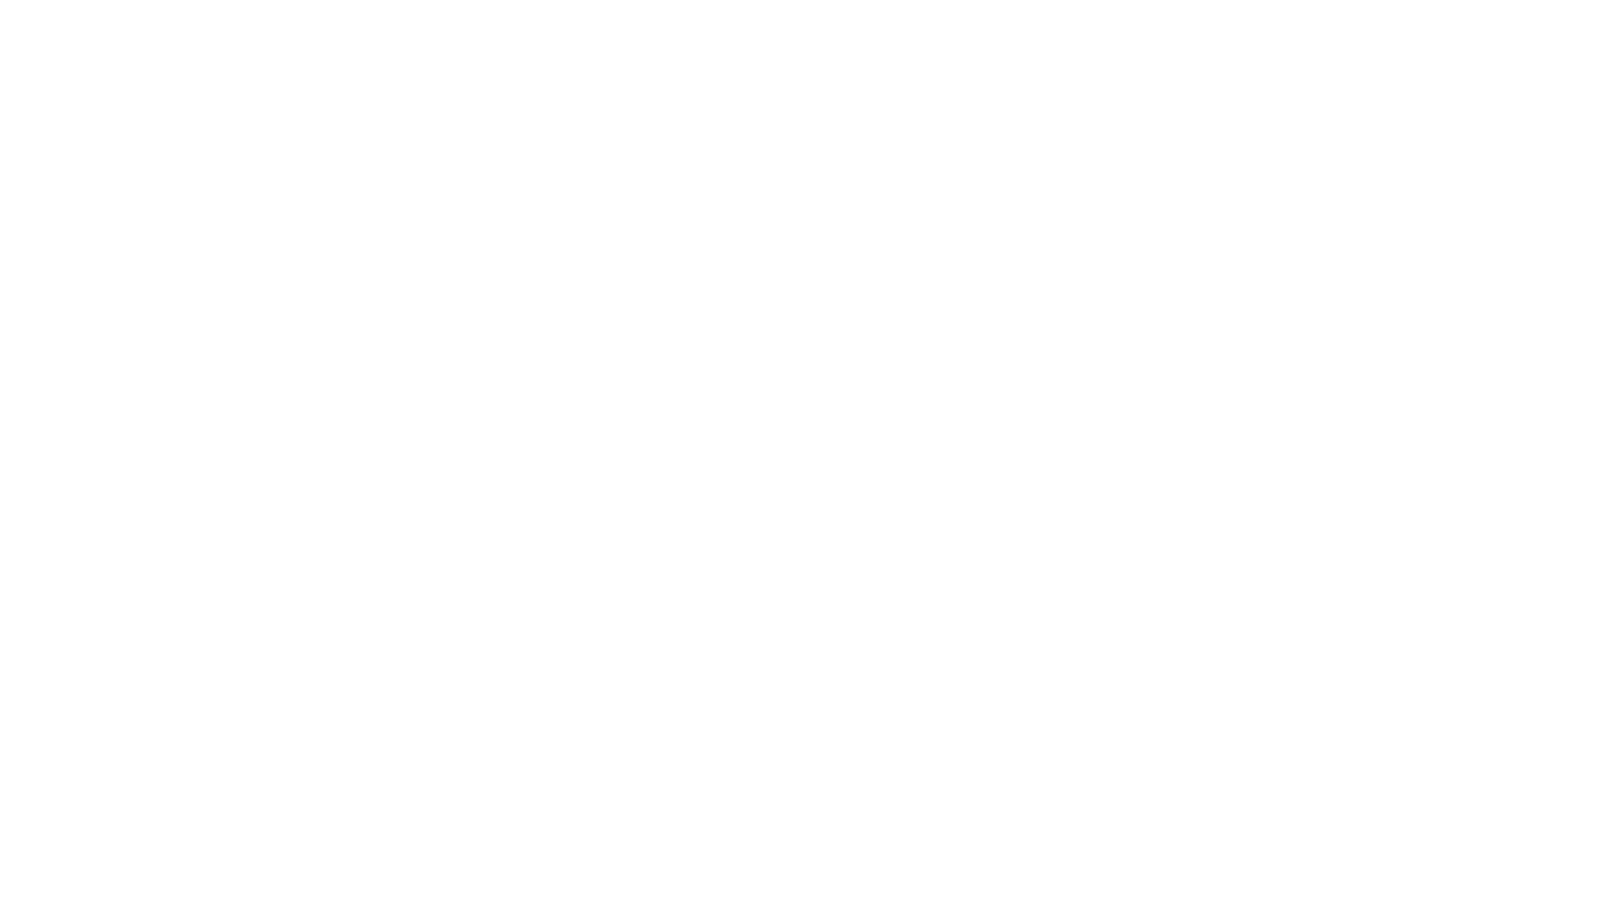 𝗠𝗼𝗯𝘆 𝗗𝗶𝗰𝗸 𝗲̀: #europa #competenze  #partecipazioneattiva  -con: Francesco Piemonte, Paolo Senatore, Martina Cian, Maria Carla Ciancio, Emiliano Sergio, Imma Criscuolo, Paolo Schetter, Andreea-Alexandra Stan, Francesco Barbarito, Cosimo Morga.  -realizzato con il supporto di: Sodalis Csv Salerno